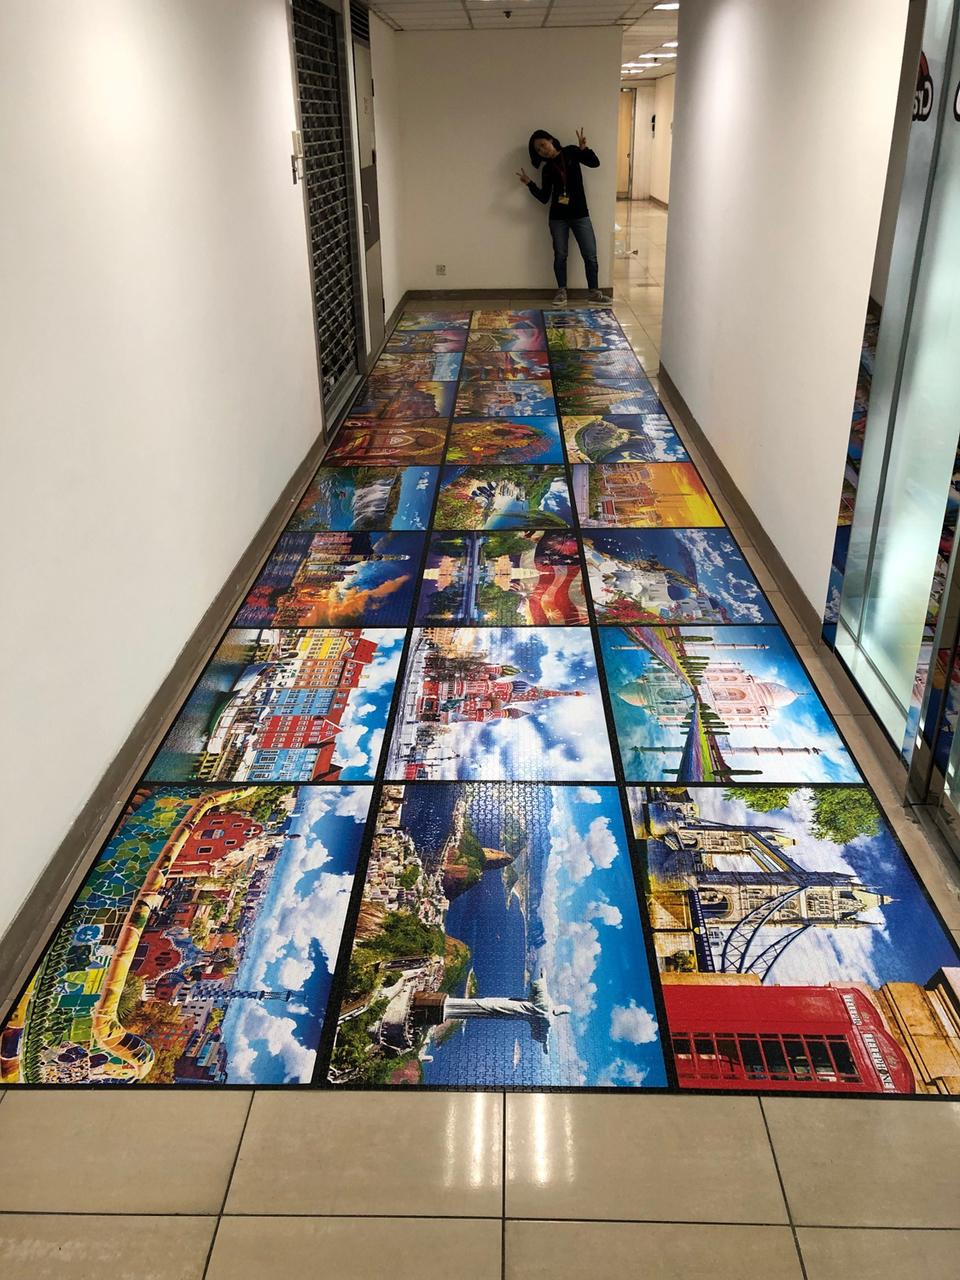 Novo Puzzle da Kodak mede 8,6 metros de largura (Fonte: Serious Puzzles / Divulgação)